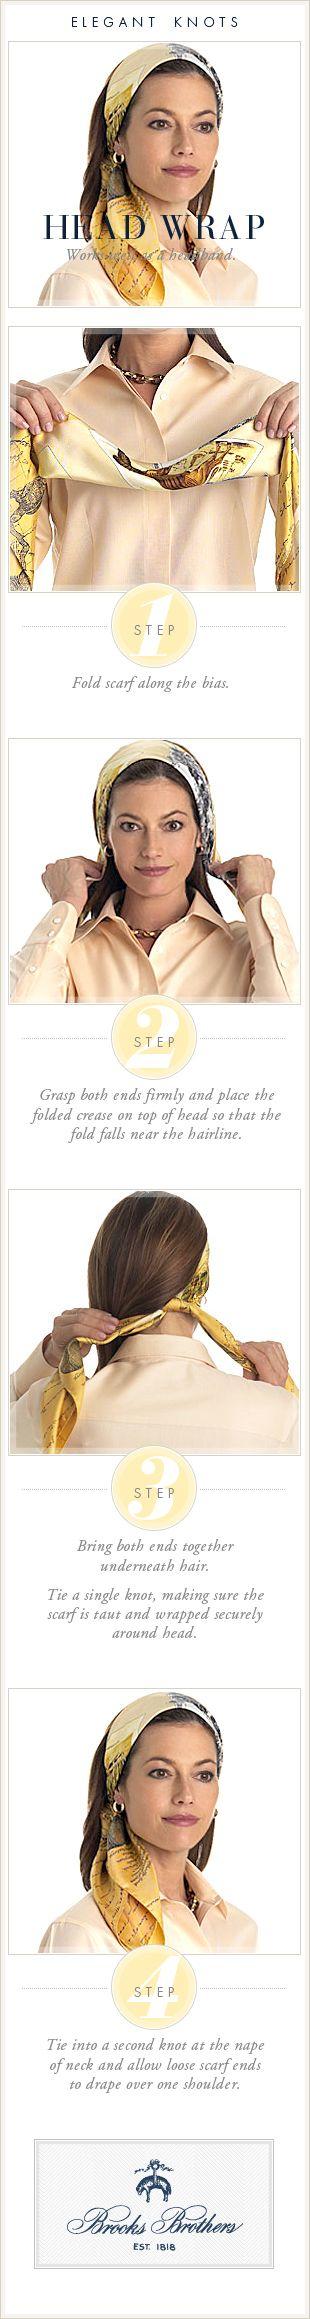 The Head Wrap